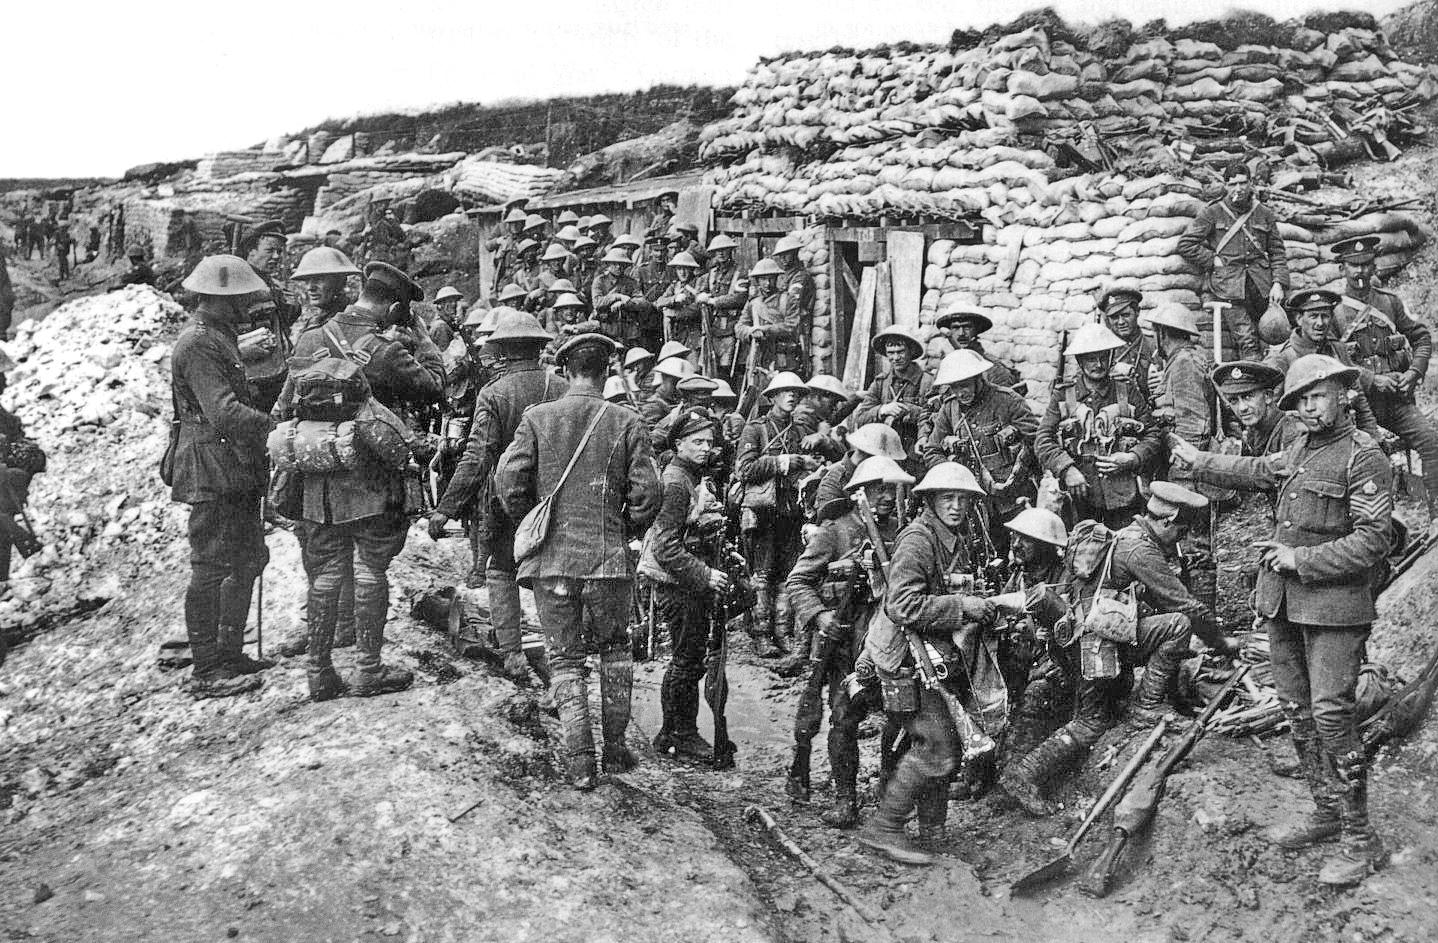 1st Battalion E Lancs 1.7.16